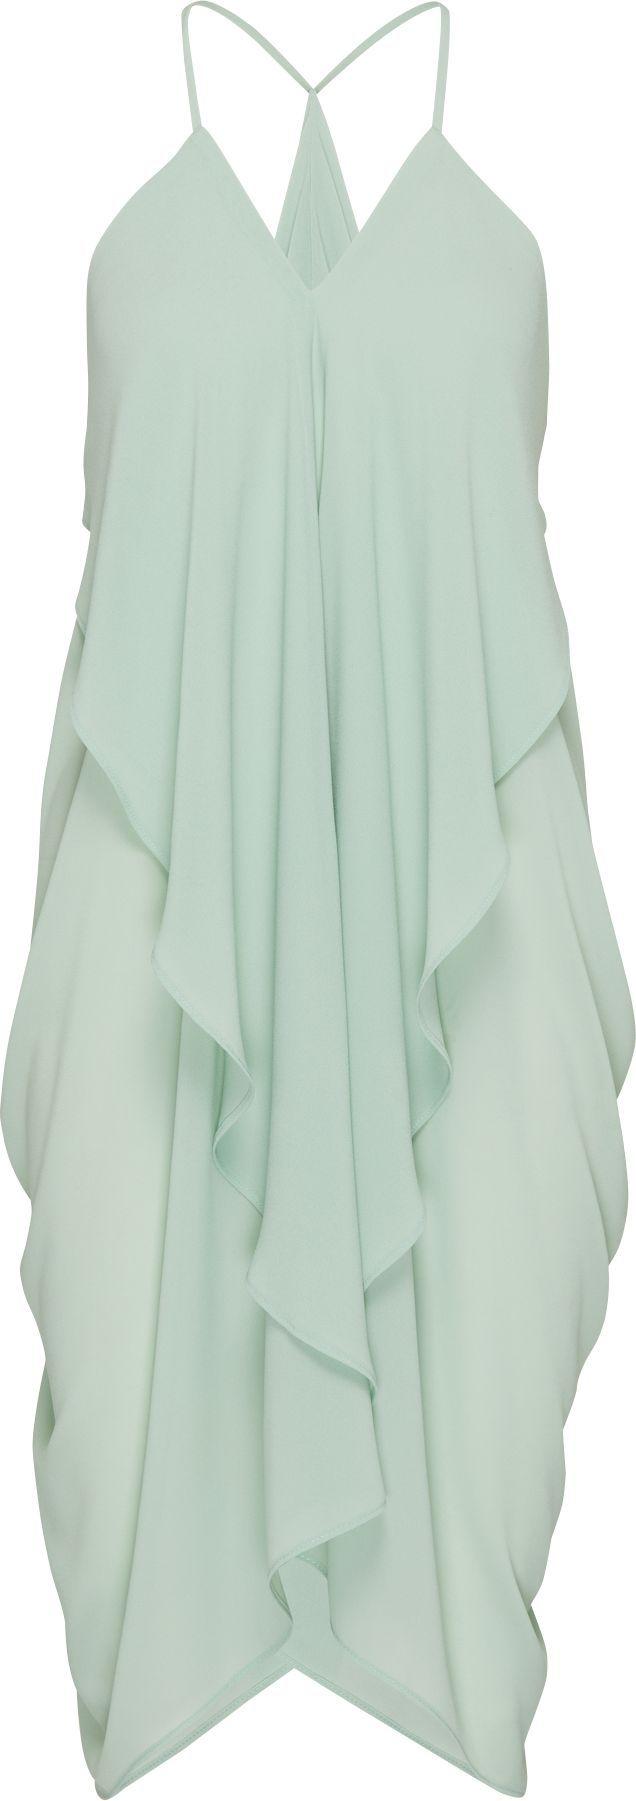 Chiffon-Dress mit Volants 'Karola' von minimum. #ABOUTYOUxSPRING